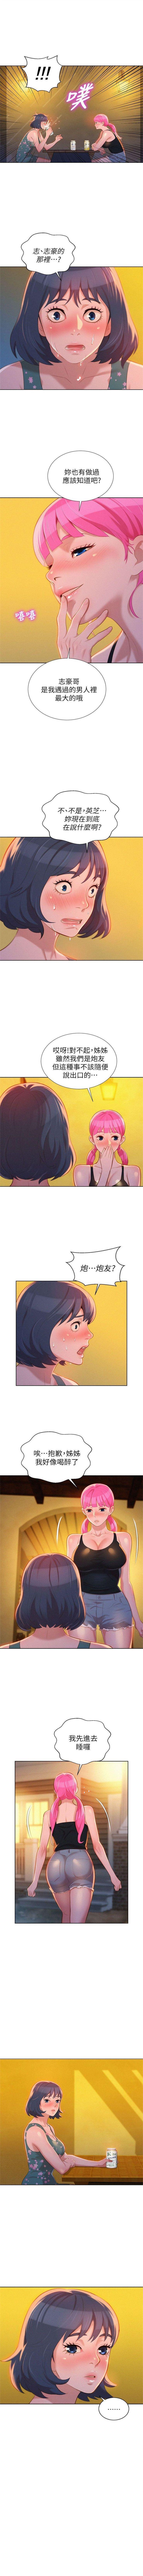 (周7)漂亮干姐姐  1-79 中文翻译 (更新中) 74